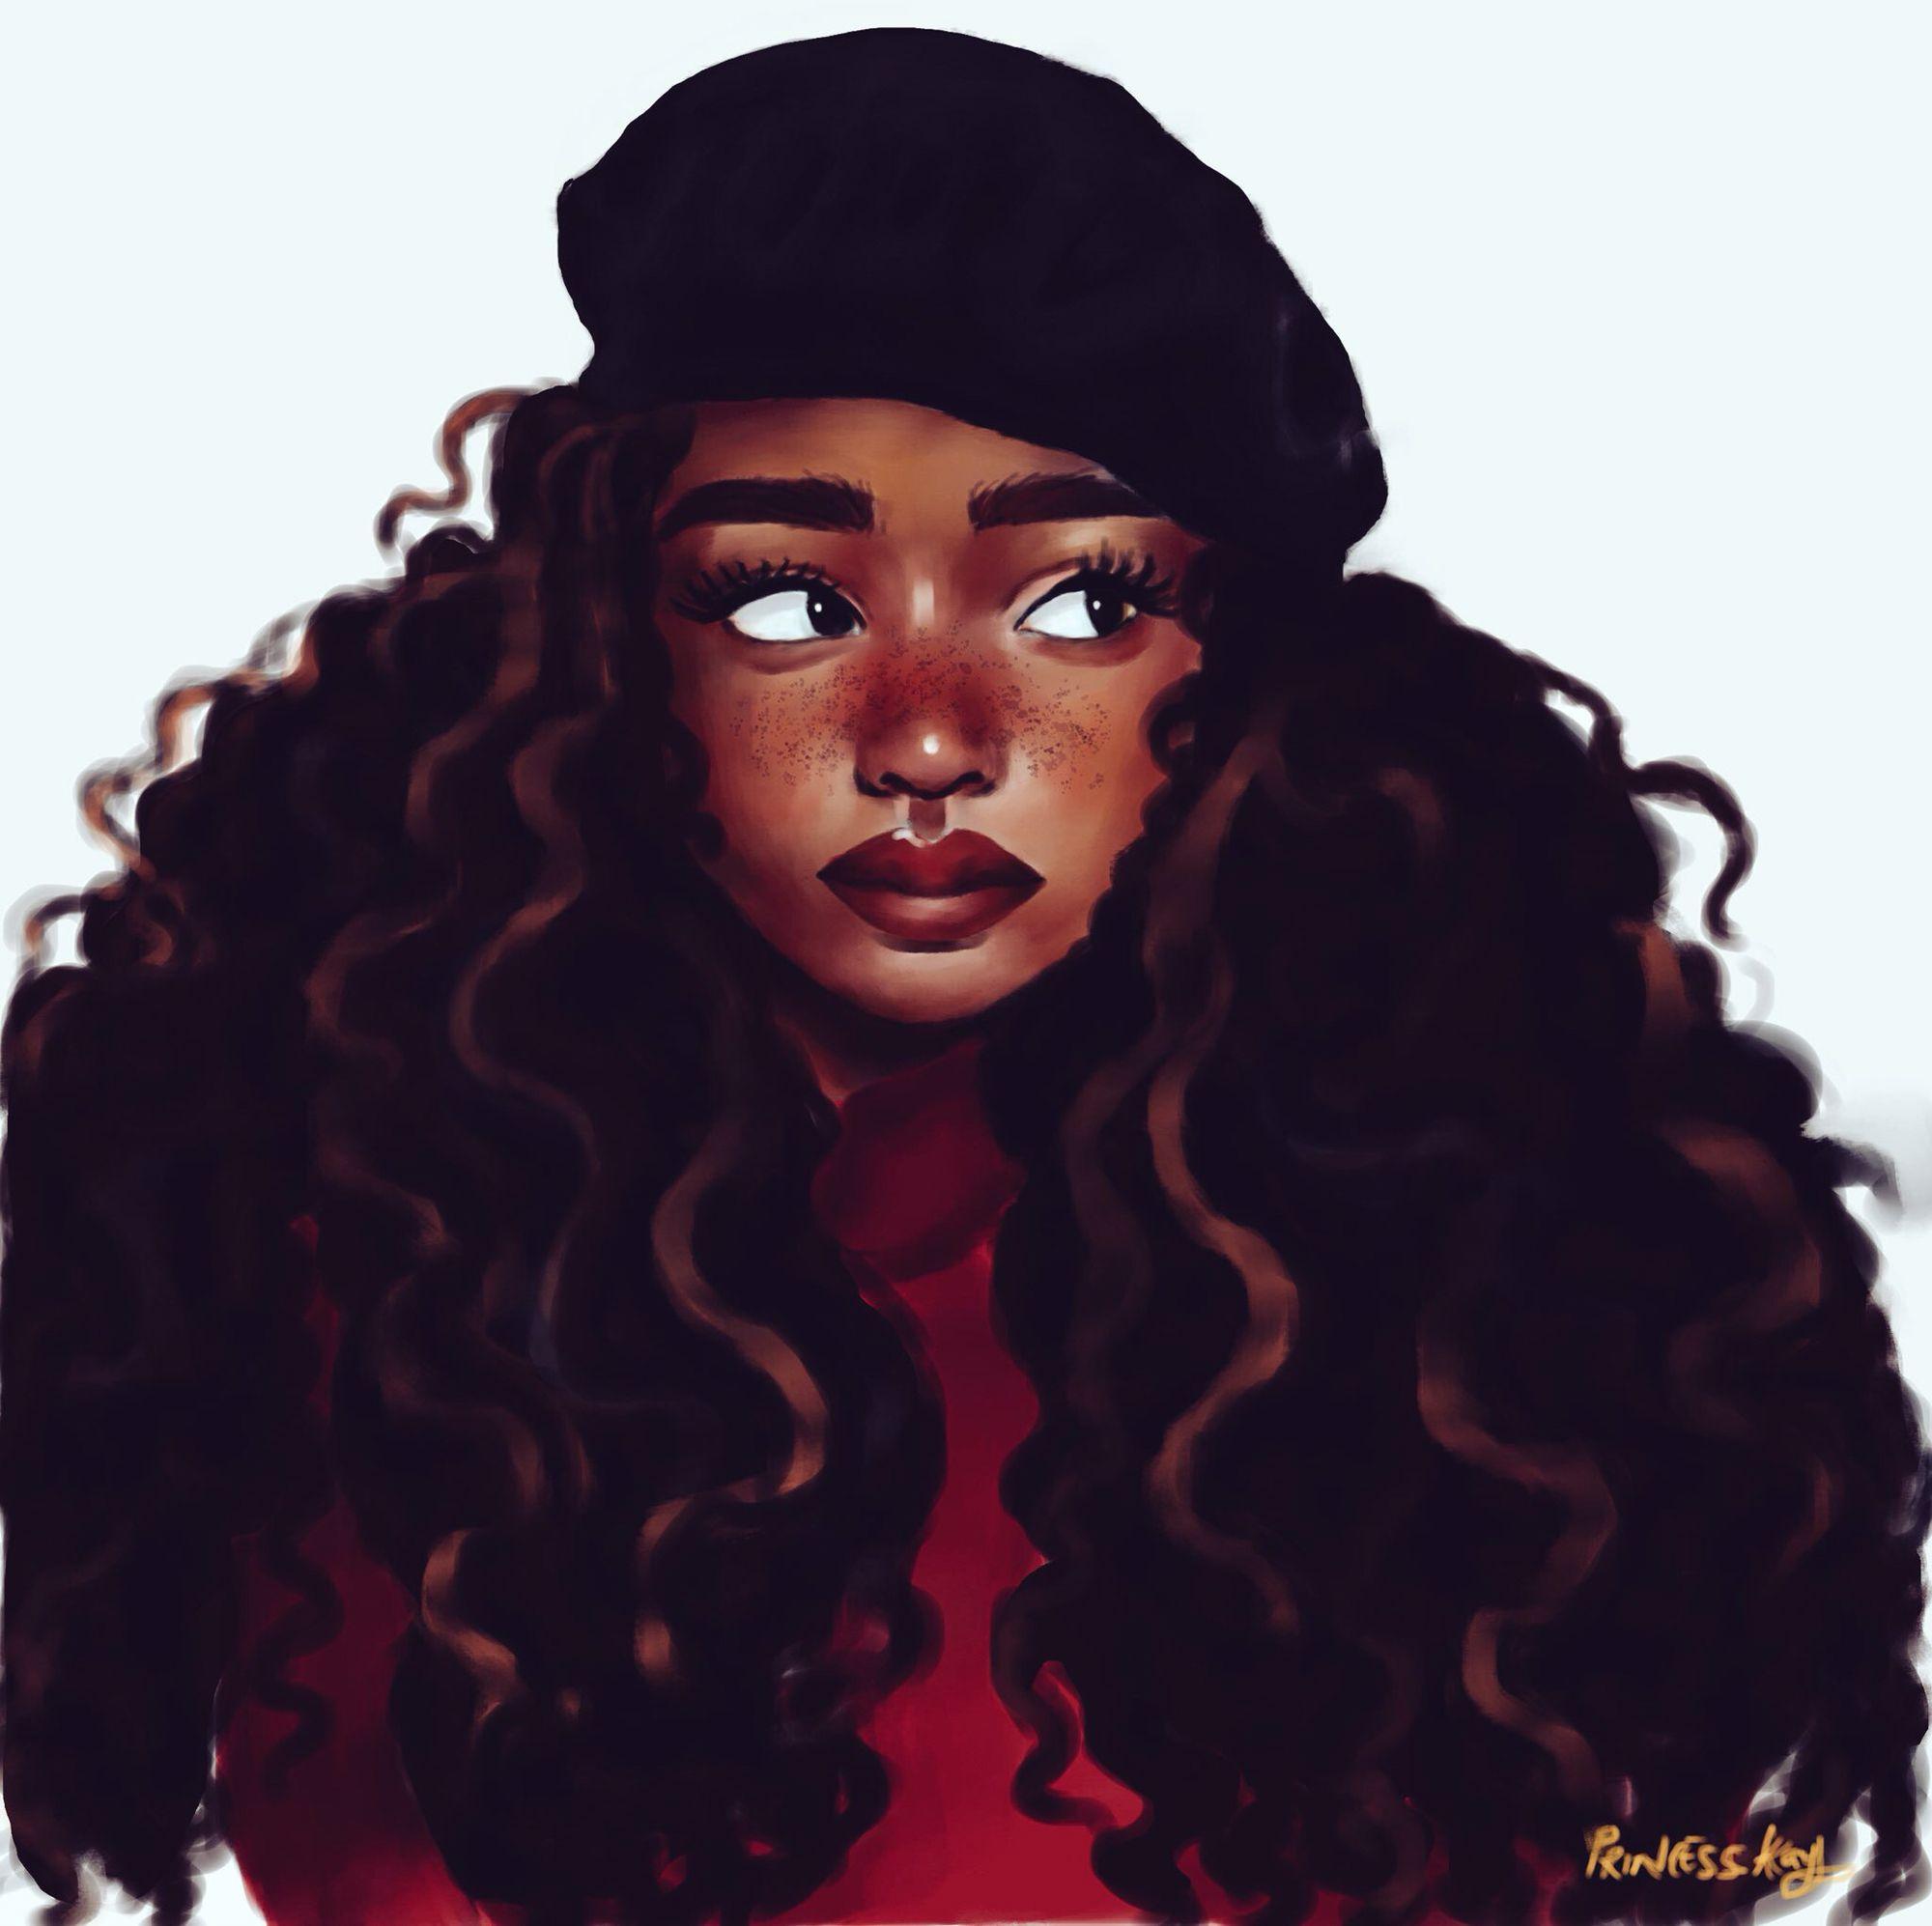 Black Art Ig Princess Kay Freckles And A Barrette Black Girl